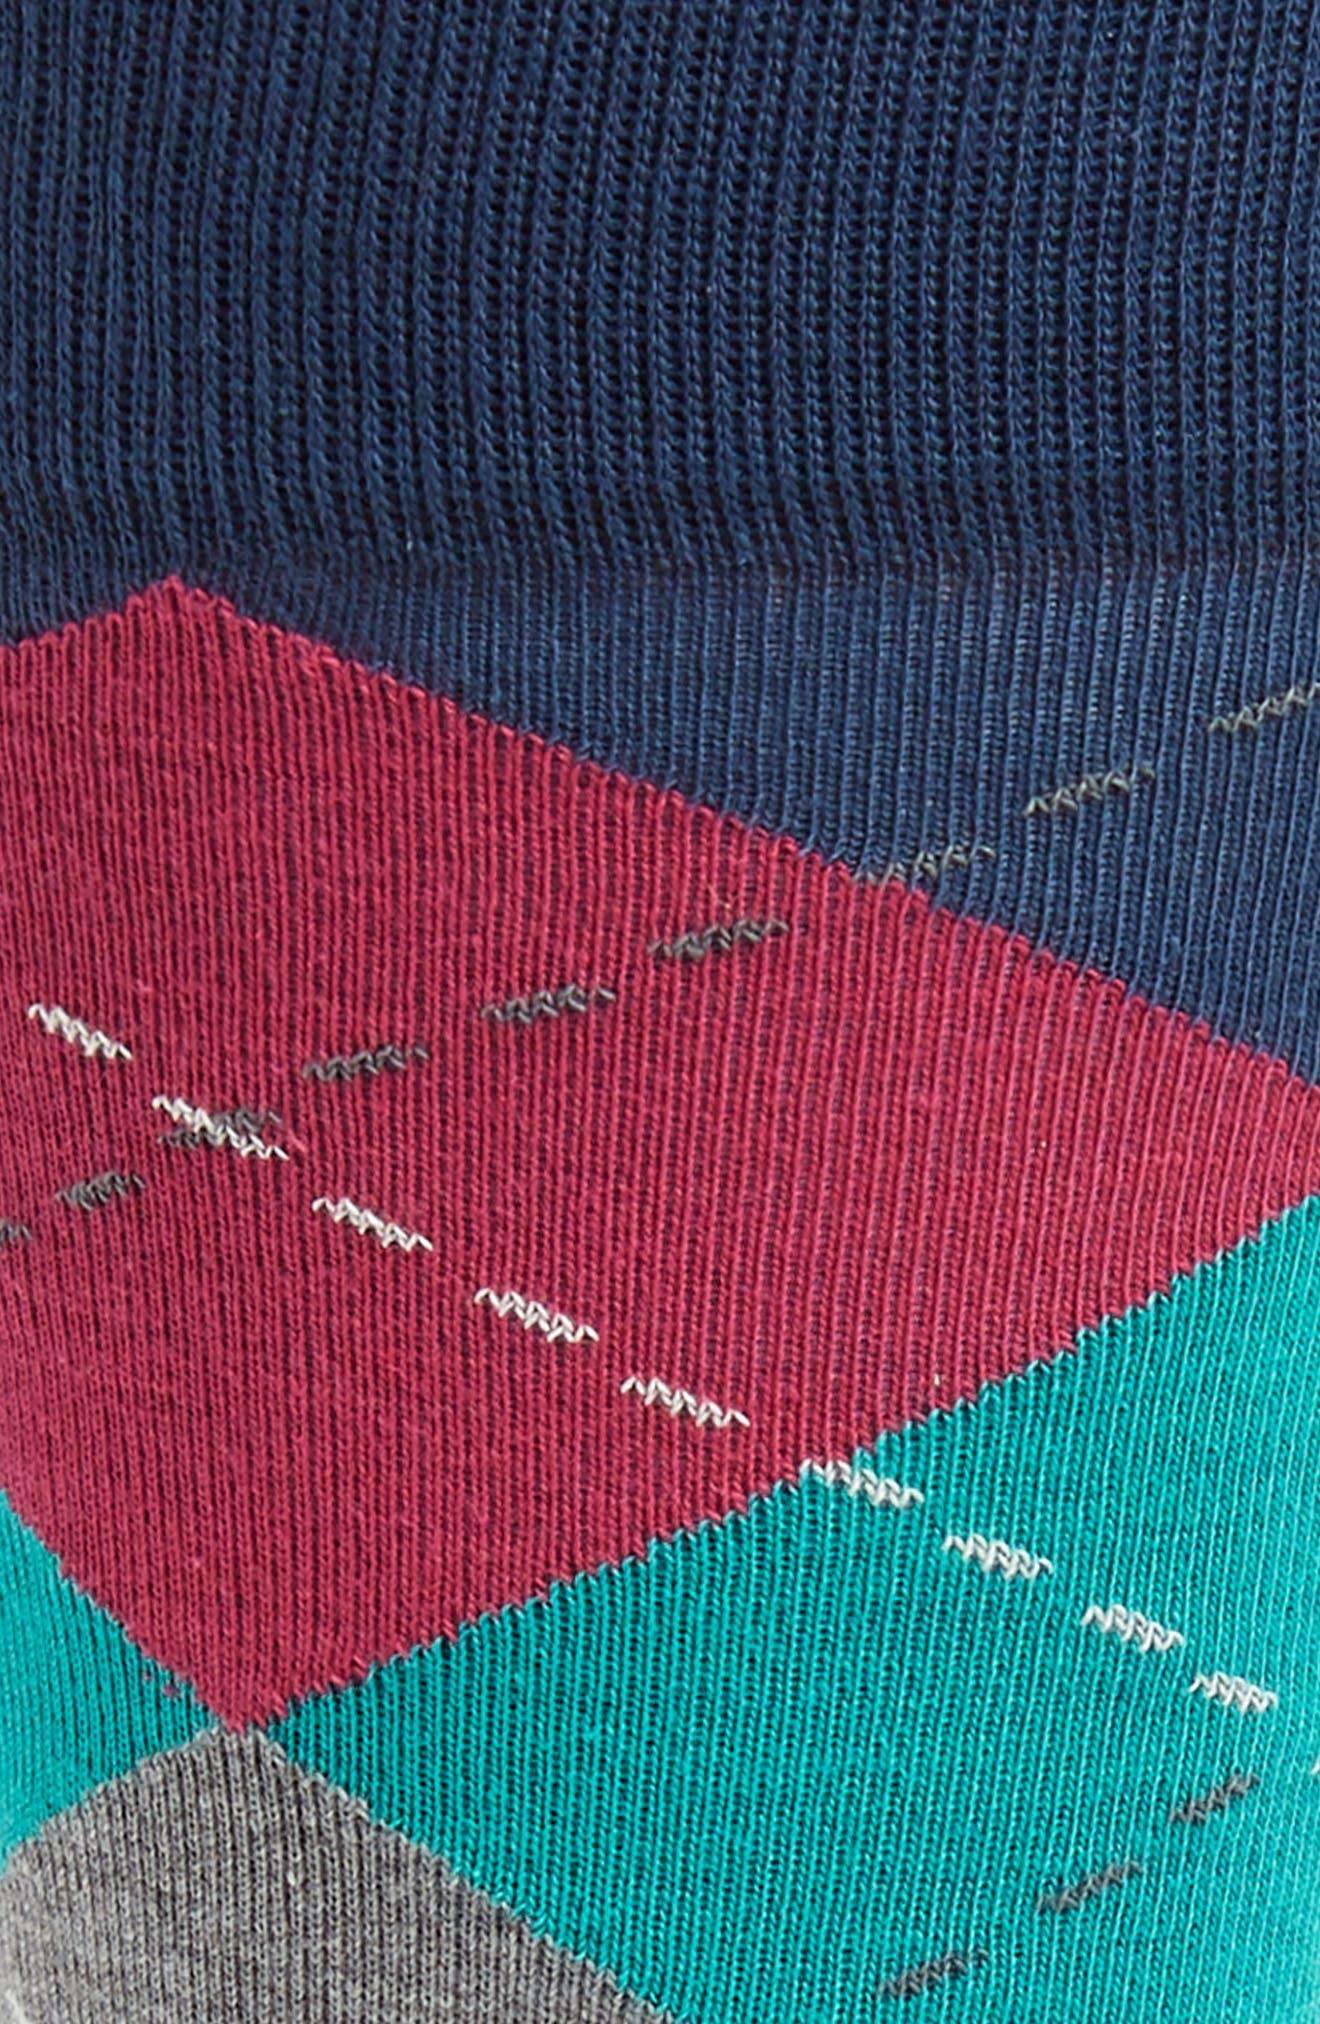 Argyle Socks,                             Alternate thumbnail 2, color,                             Navy/ Red